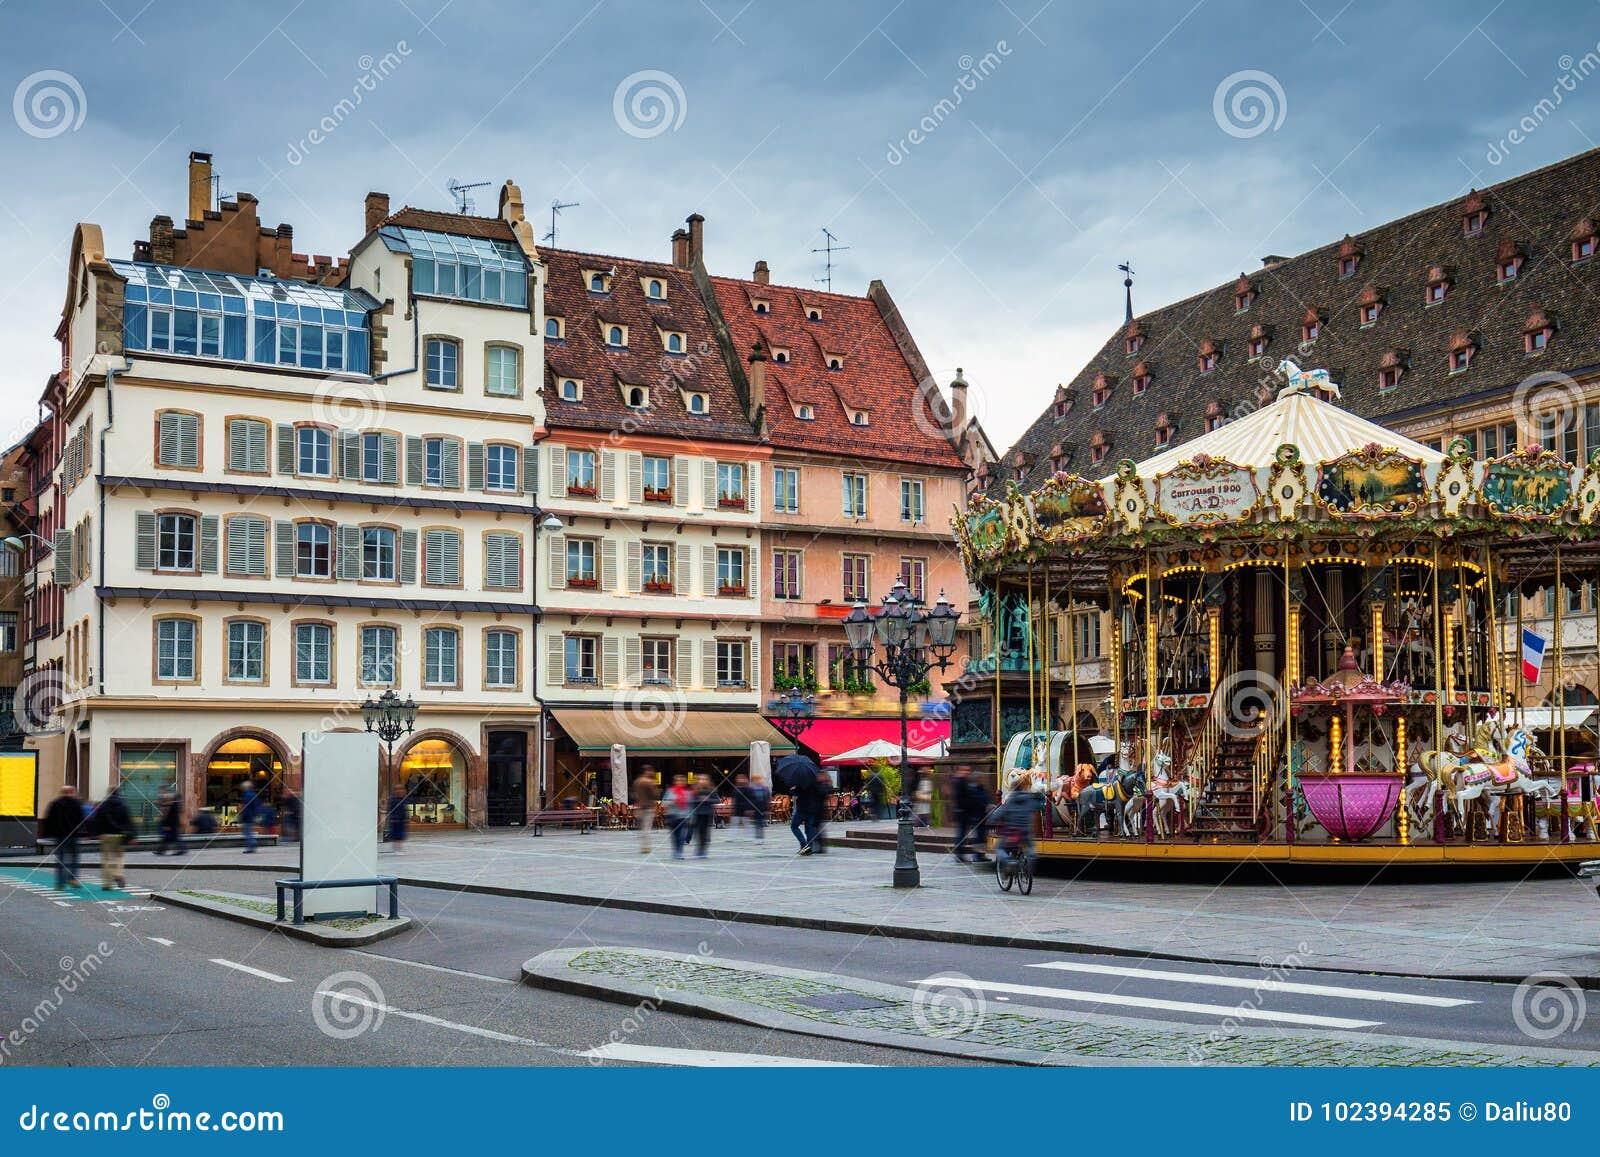 Mooie mening van de historische stad van Straatsburg, kleurrijke hous